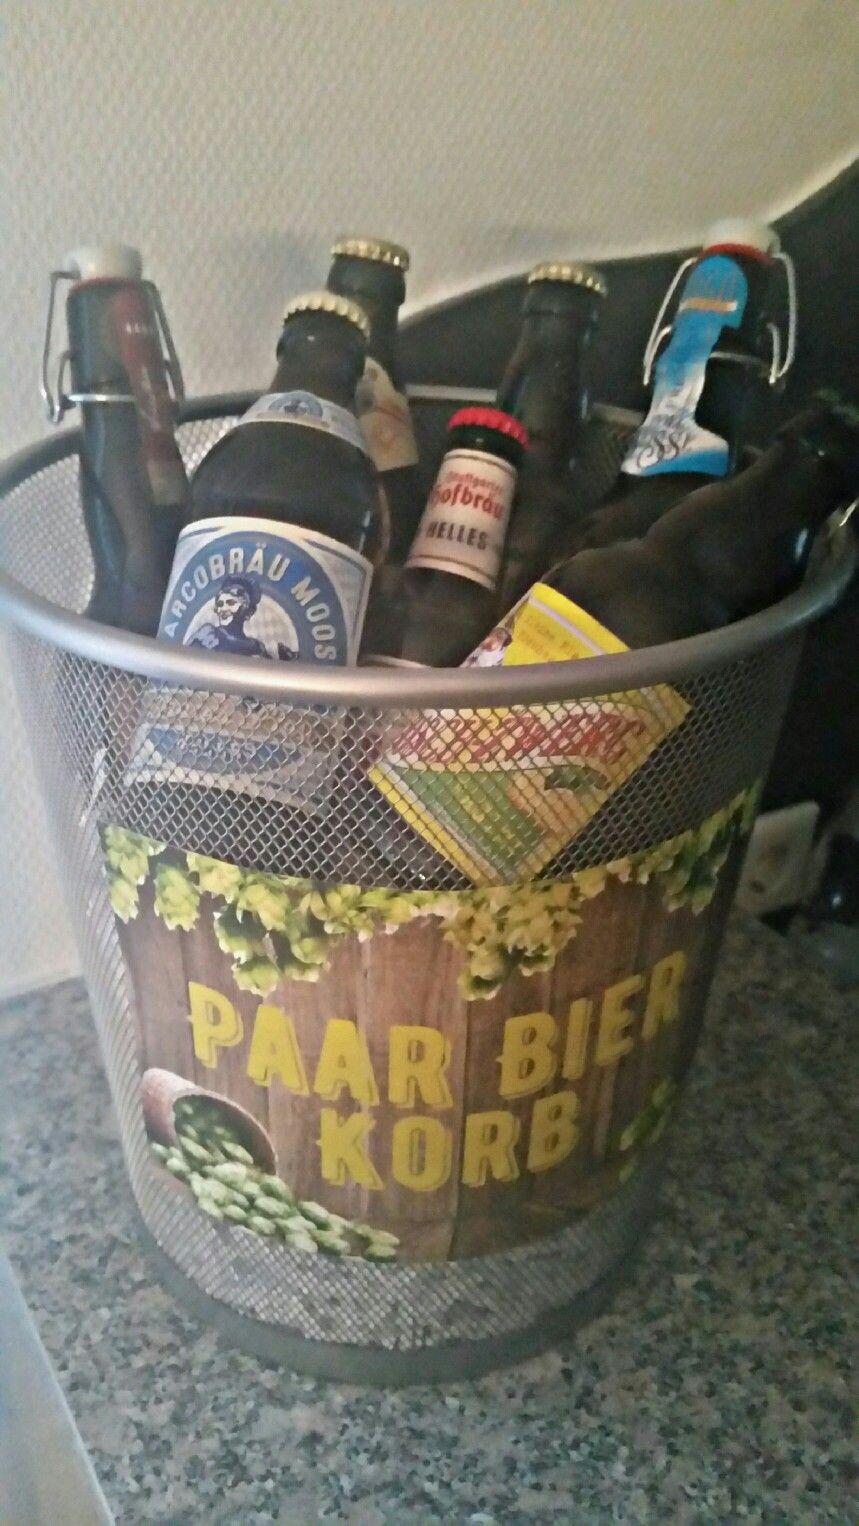 Paar Bier Korb, Biergeschenk für Männer   beer gift for men ...